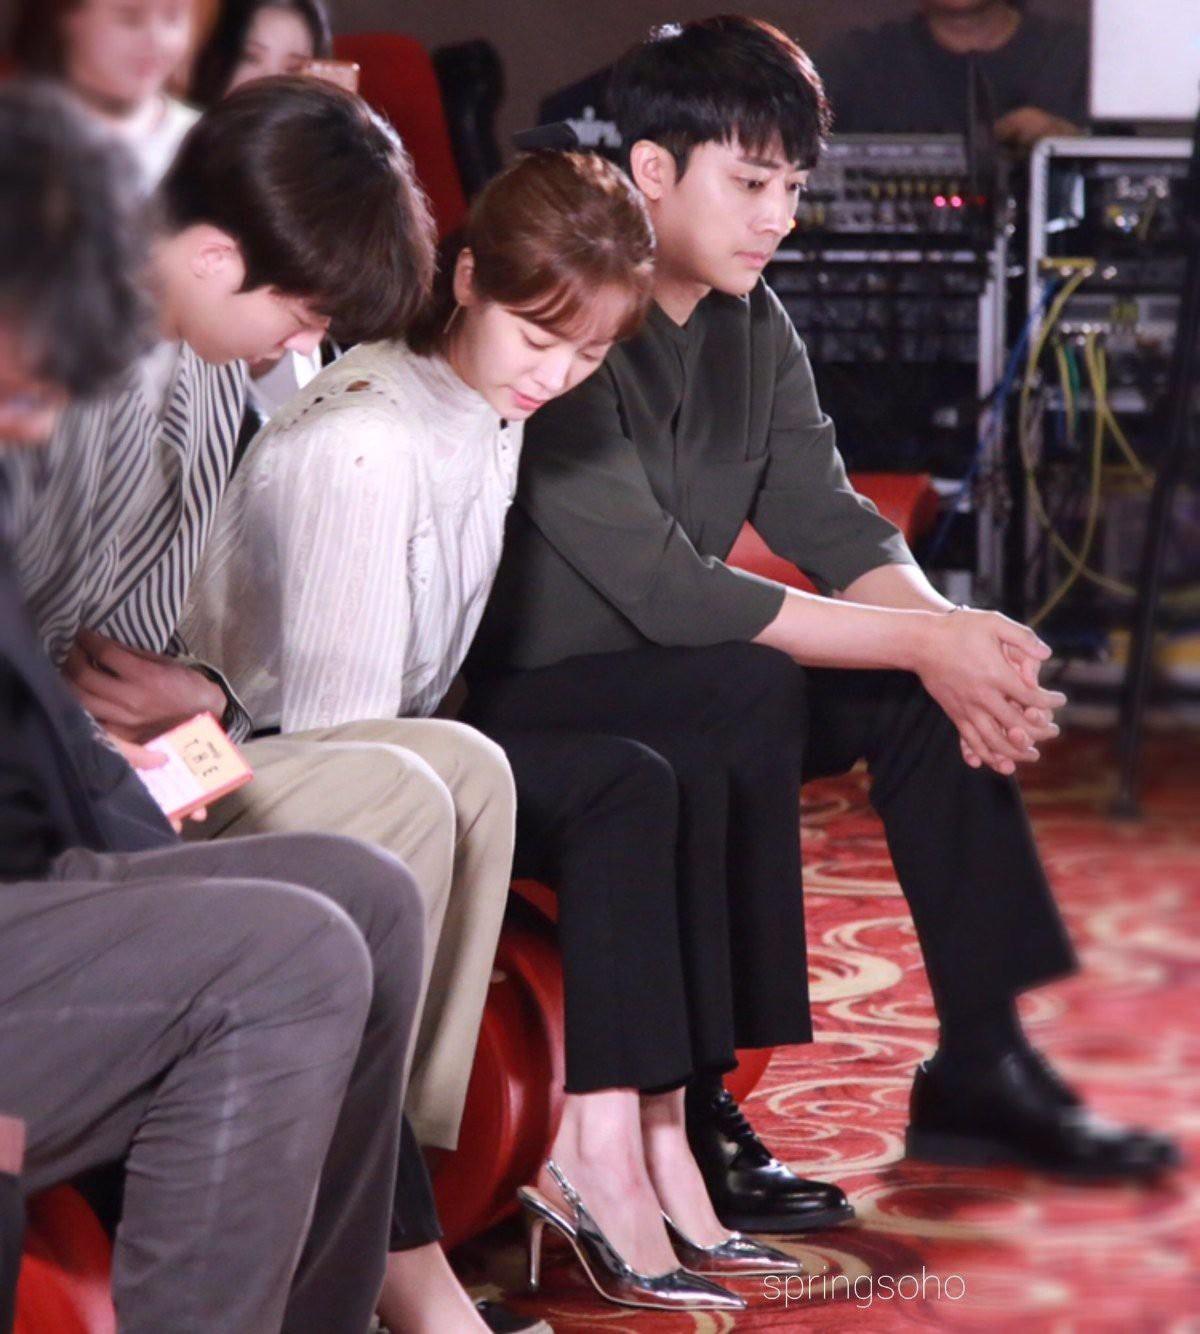 Ảnh Nam Joo Hyuk cùng chị đẹp đi xem phim ngập tràn MXH, nhưng bị gọi tên nhiều nhất lại là 2 nhân vật này! - Ảnh 15.